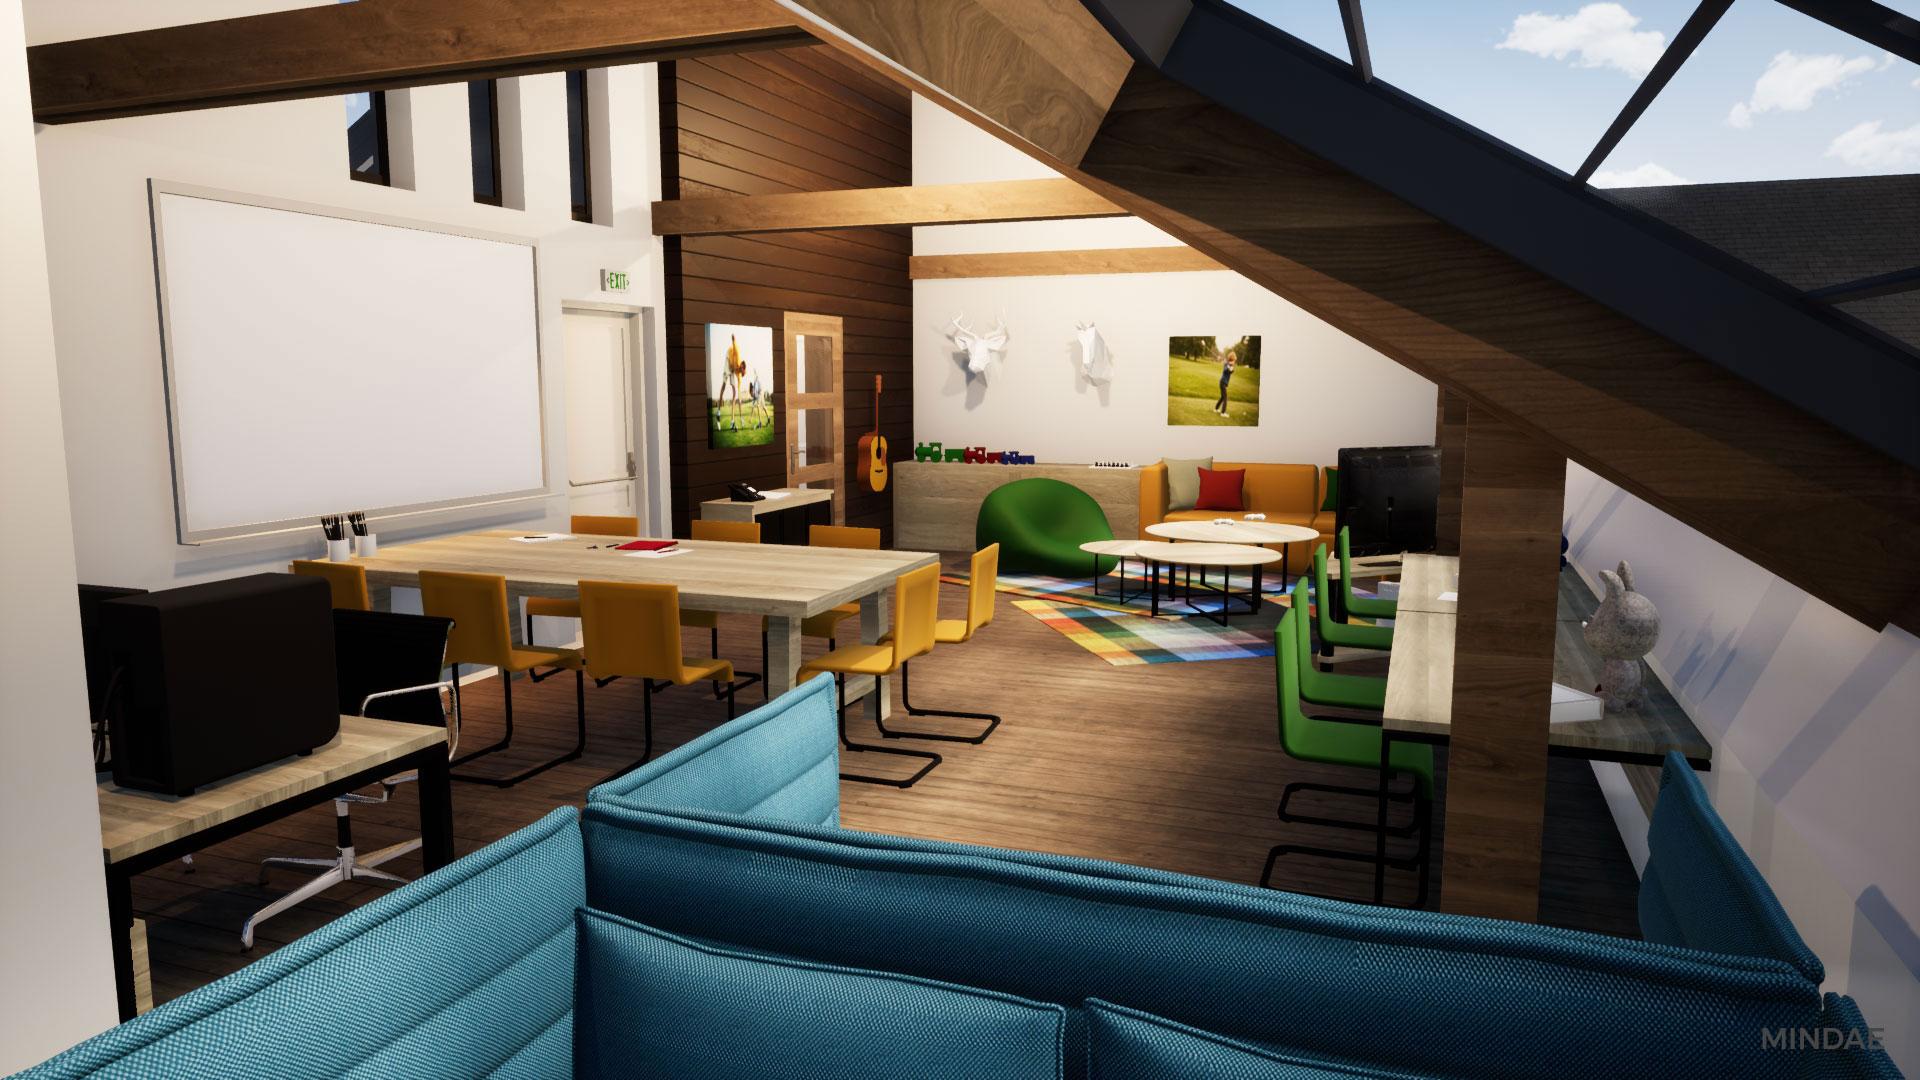 Mindae_3D_golf_caen_bluegreen_étage_projet_garderie-(4)